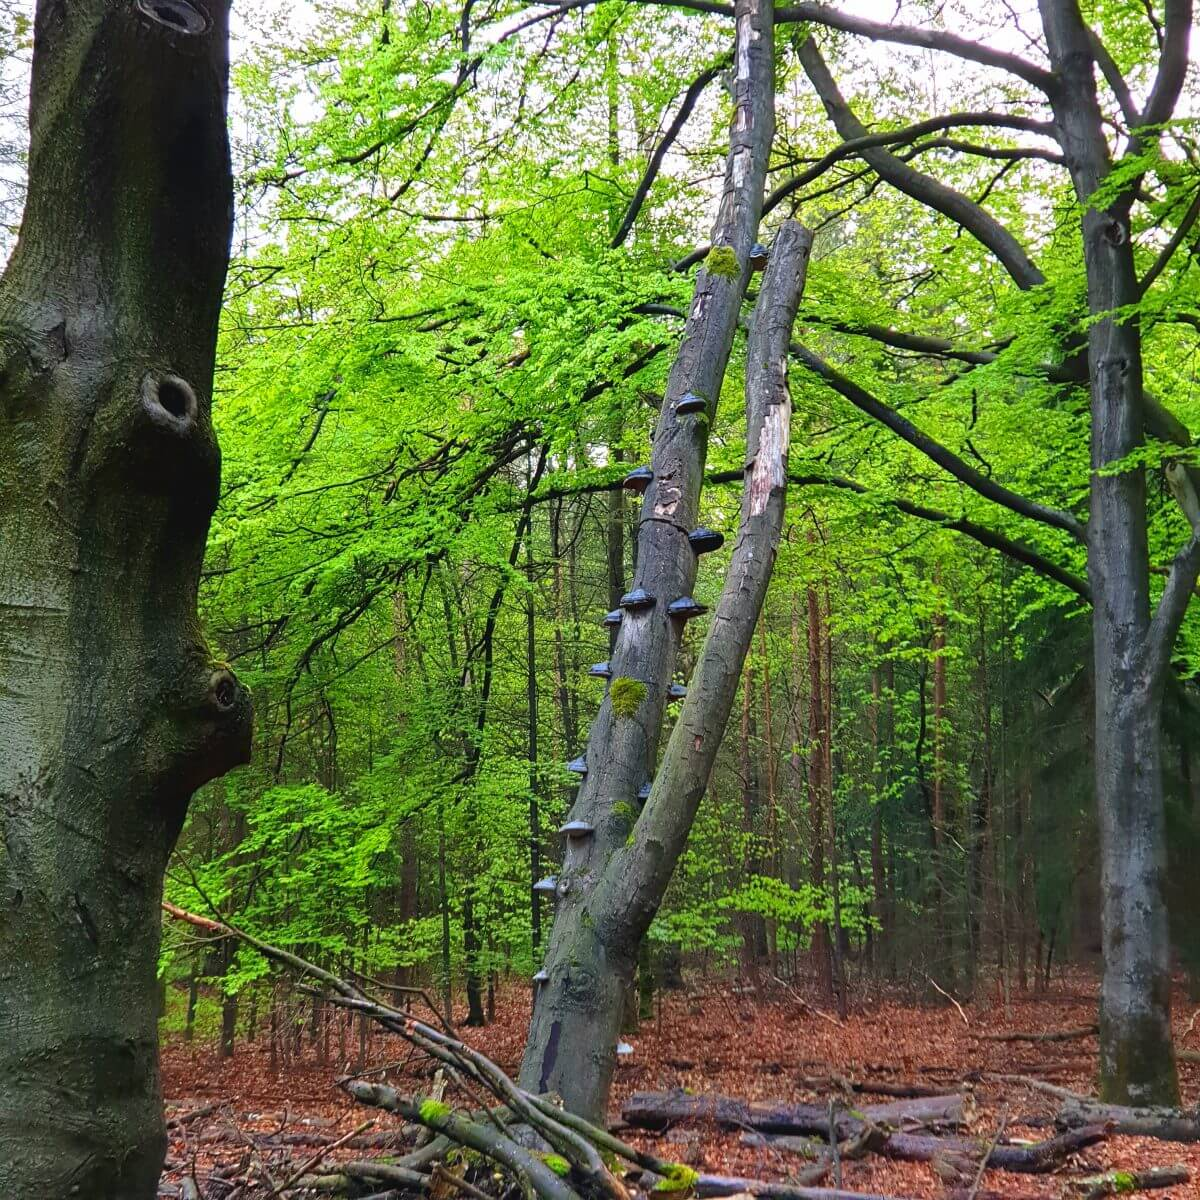 Fietsend de natuur ontdekkenop de Veluwe rondom Landal Rabbit Hill